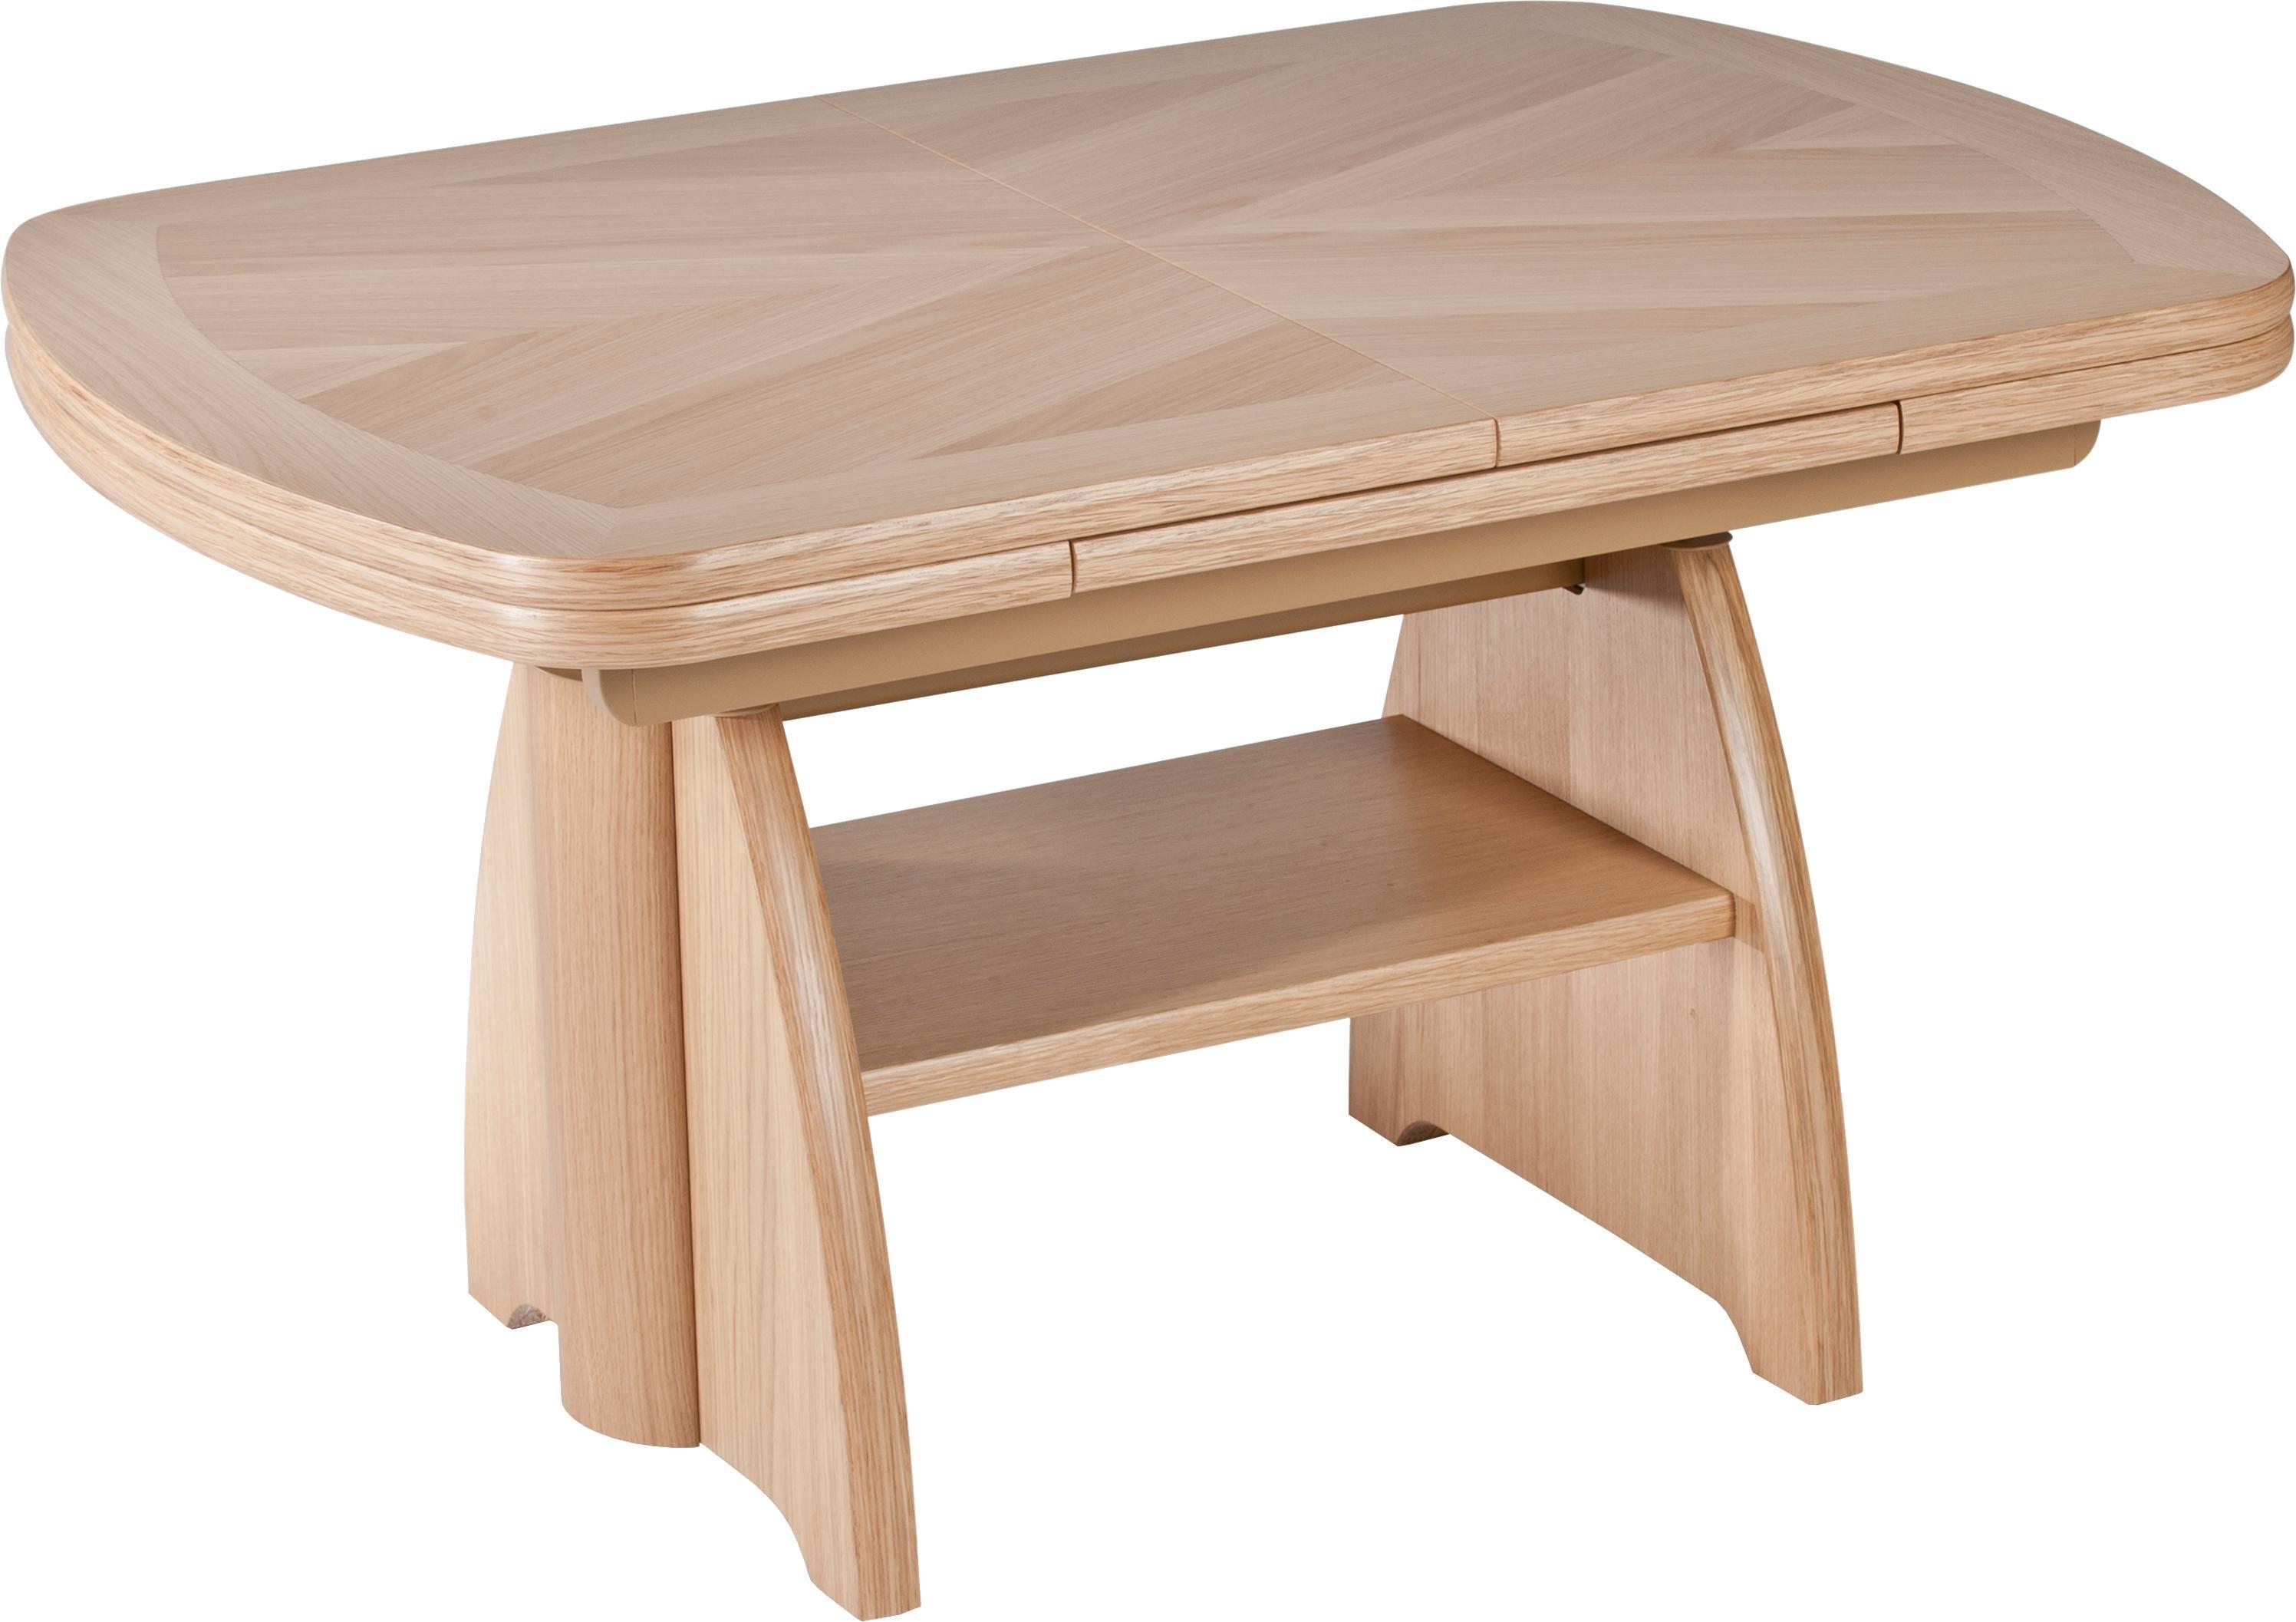 Vierhaus salontafel In hoogte verstelbaar en uittrekbaar - verschillende betaalmethodes